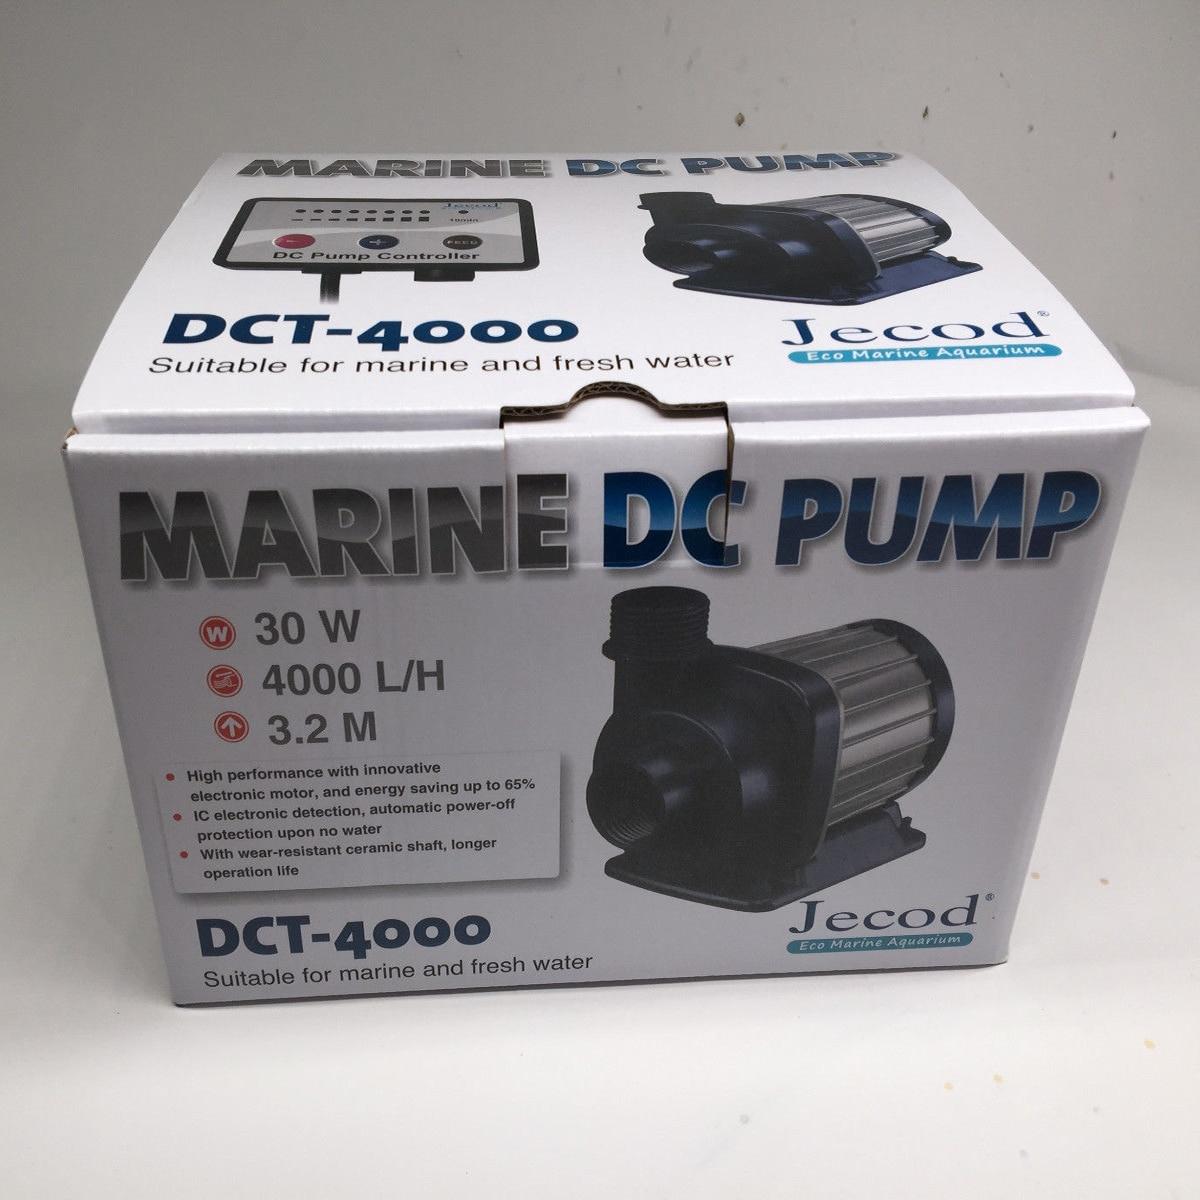 Jecod/Jebao DCT-4000 débit Variable DC Aquarium réservoir de retour pompe avec contrôleur récif marin Submersible pompe de puisard 4000L/h